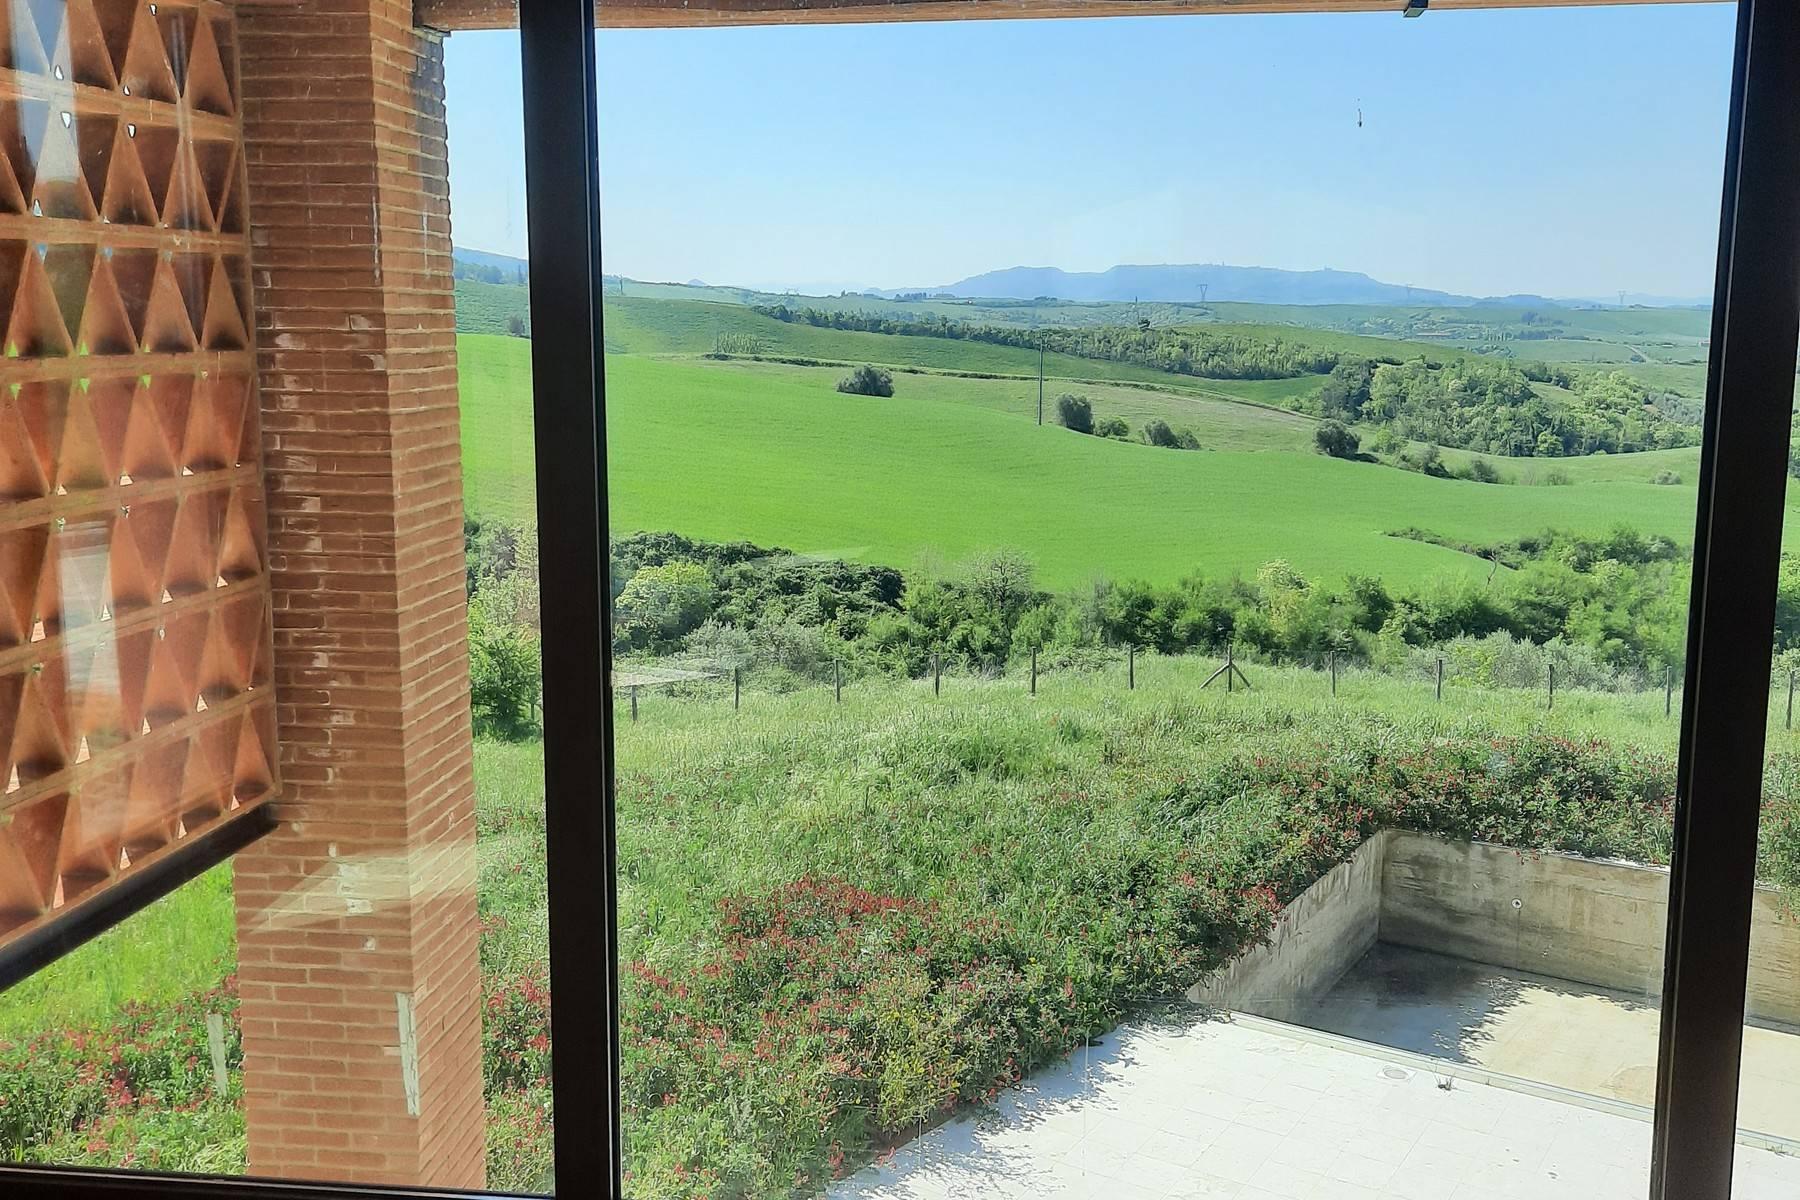 Rustico in Vendita a Montaione: 5 locali, 220 mq - Foto 7